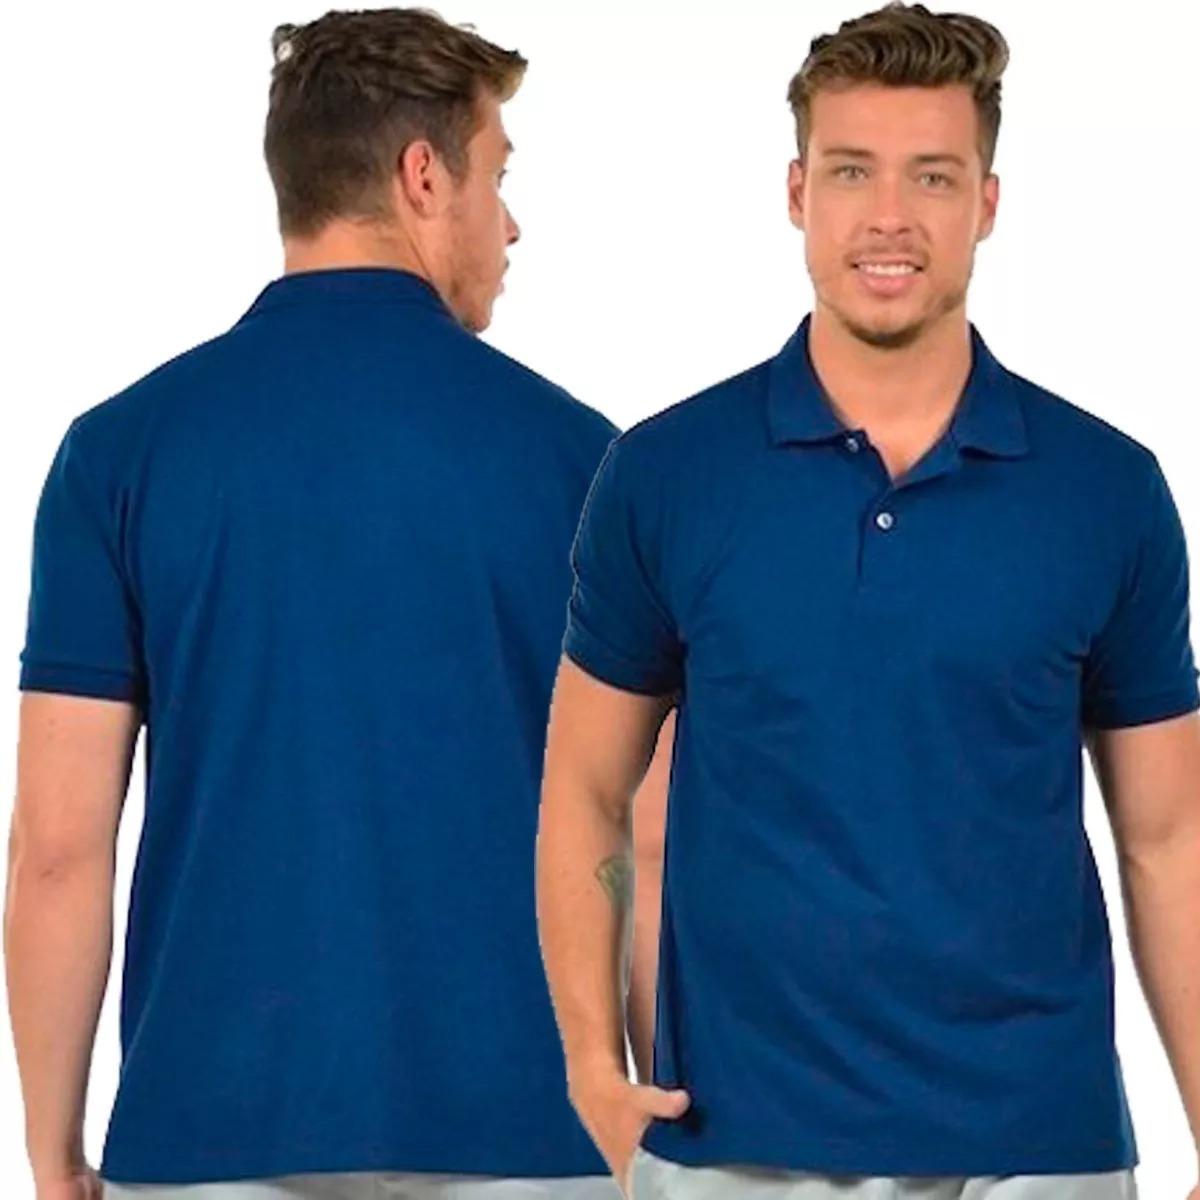 302ad5b835 Camisa Polo Masculina Camiseta Gola Atacado Uniforme Bordar - R  29 ...